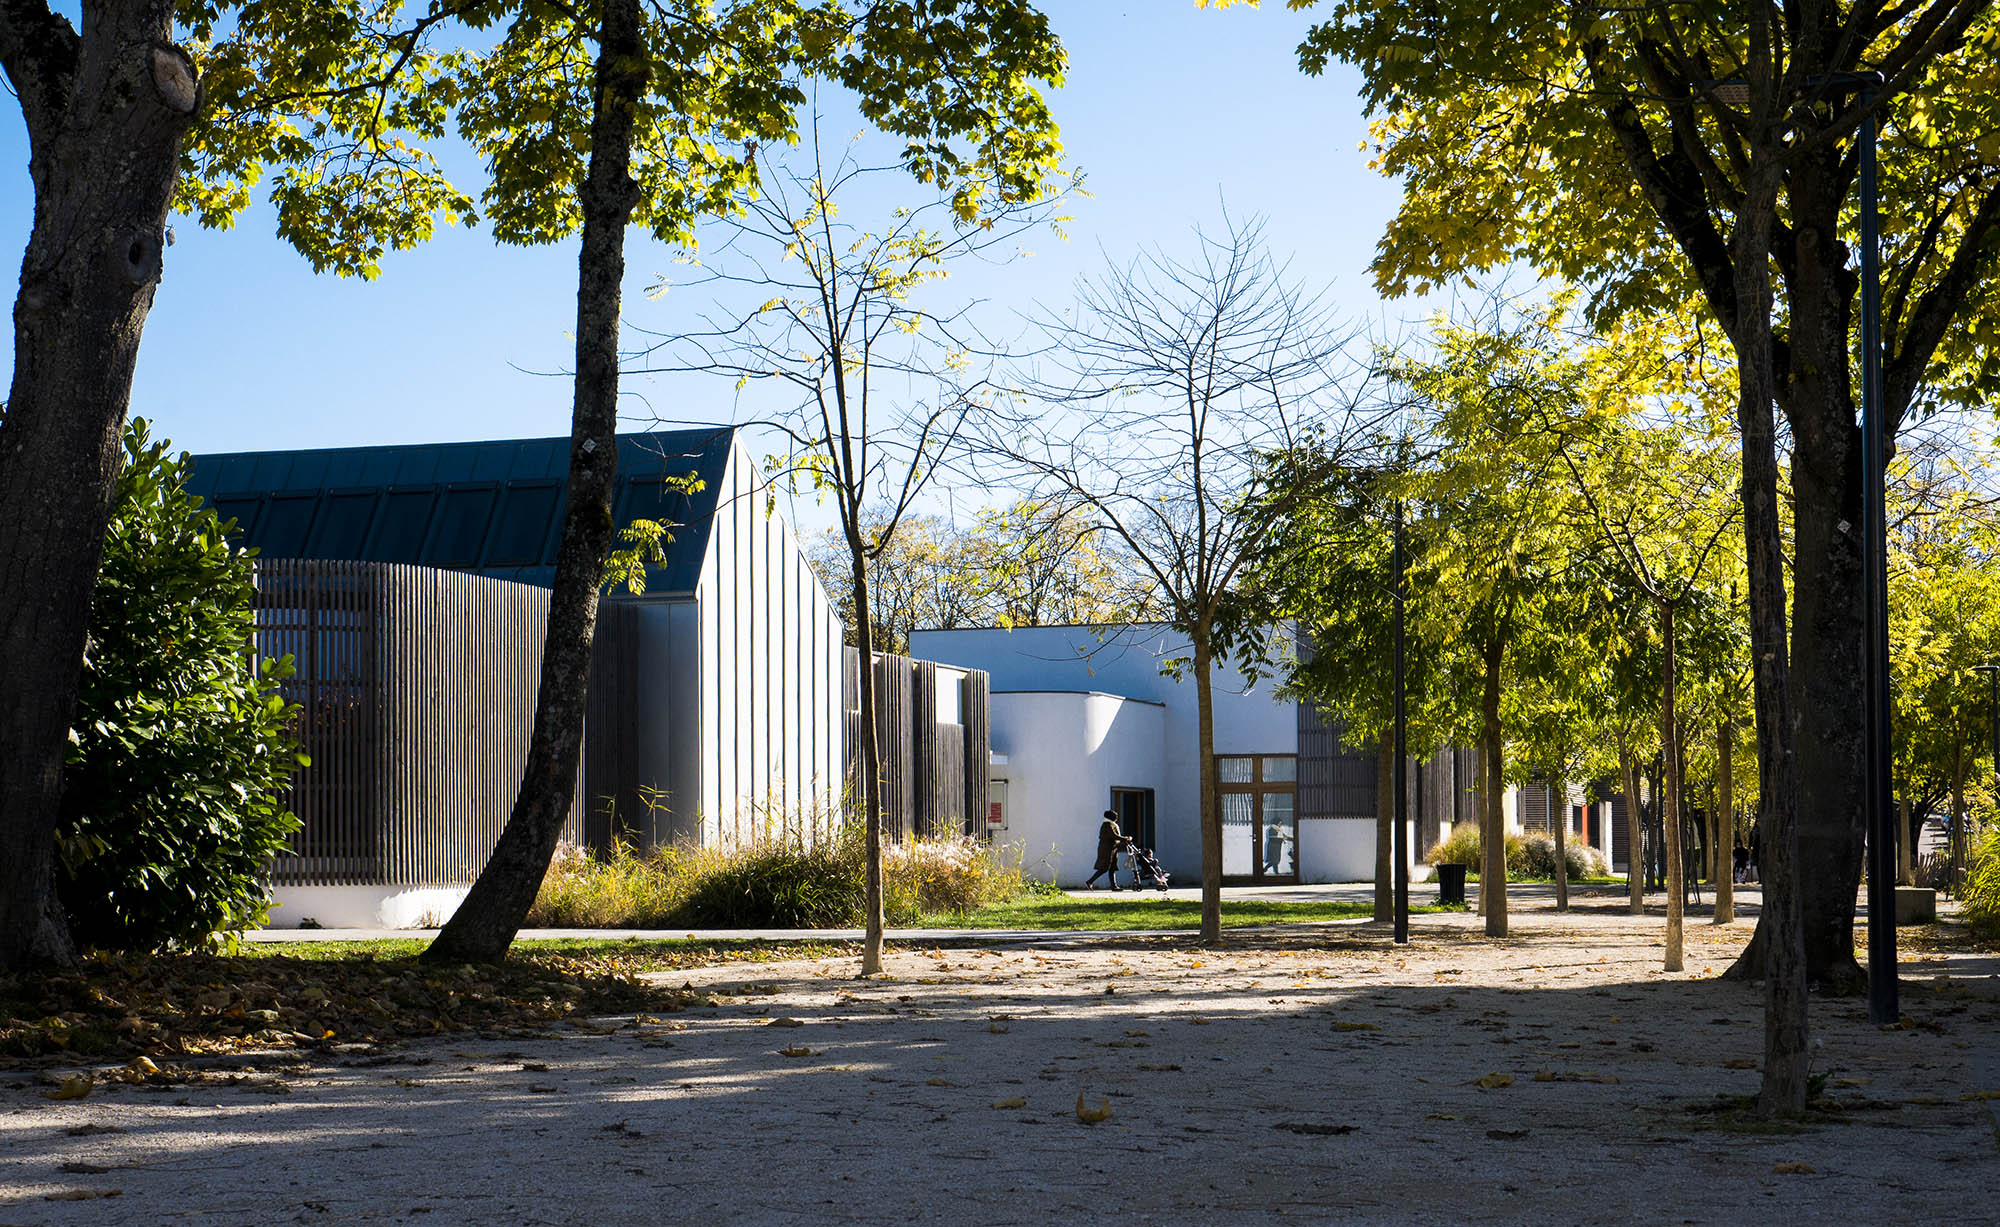 Chouette-architecture-EXTENSION-DES-ÉCOLES-MATERNELLE-ET-ÉLÉMENTAIRE-DU-GROUPE-SCOLAIRE-MONTMUZARD-Dijon-2000-5